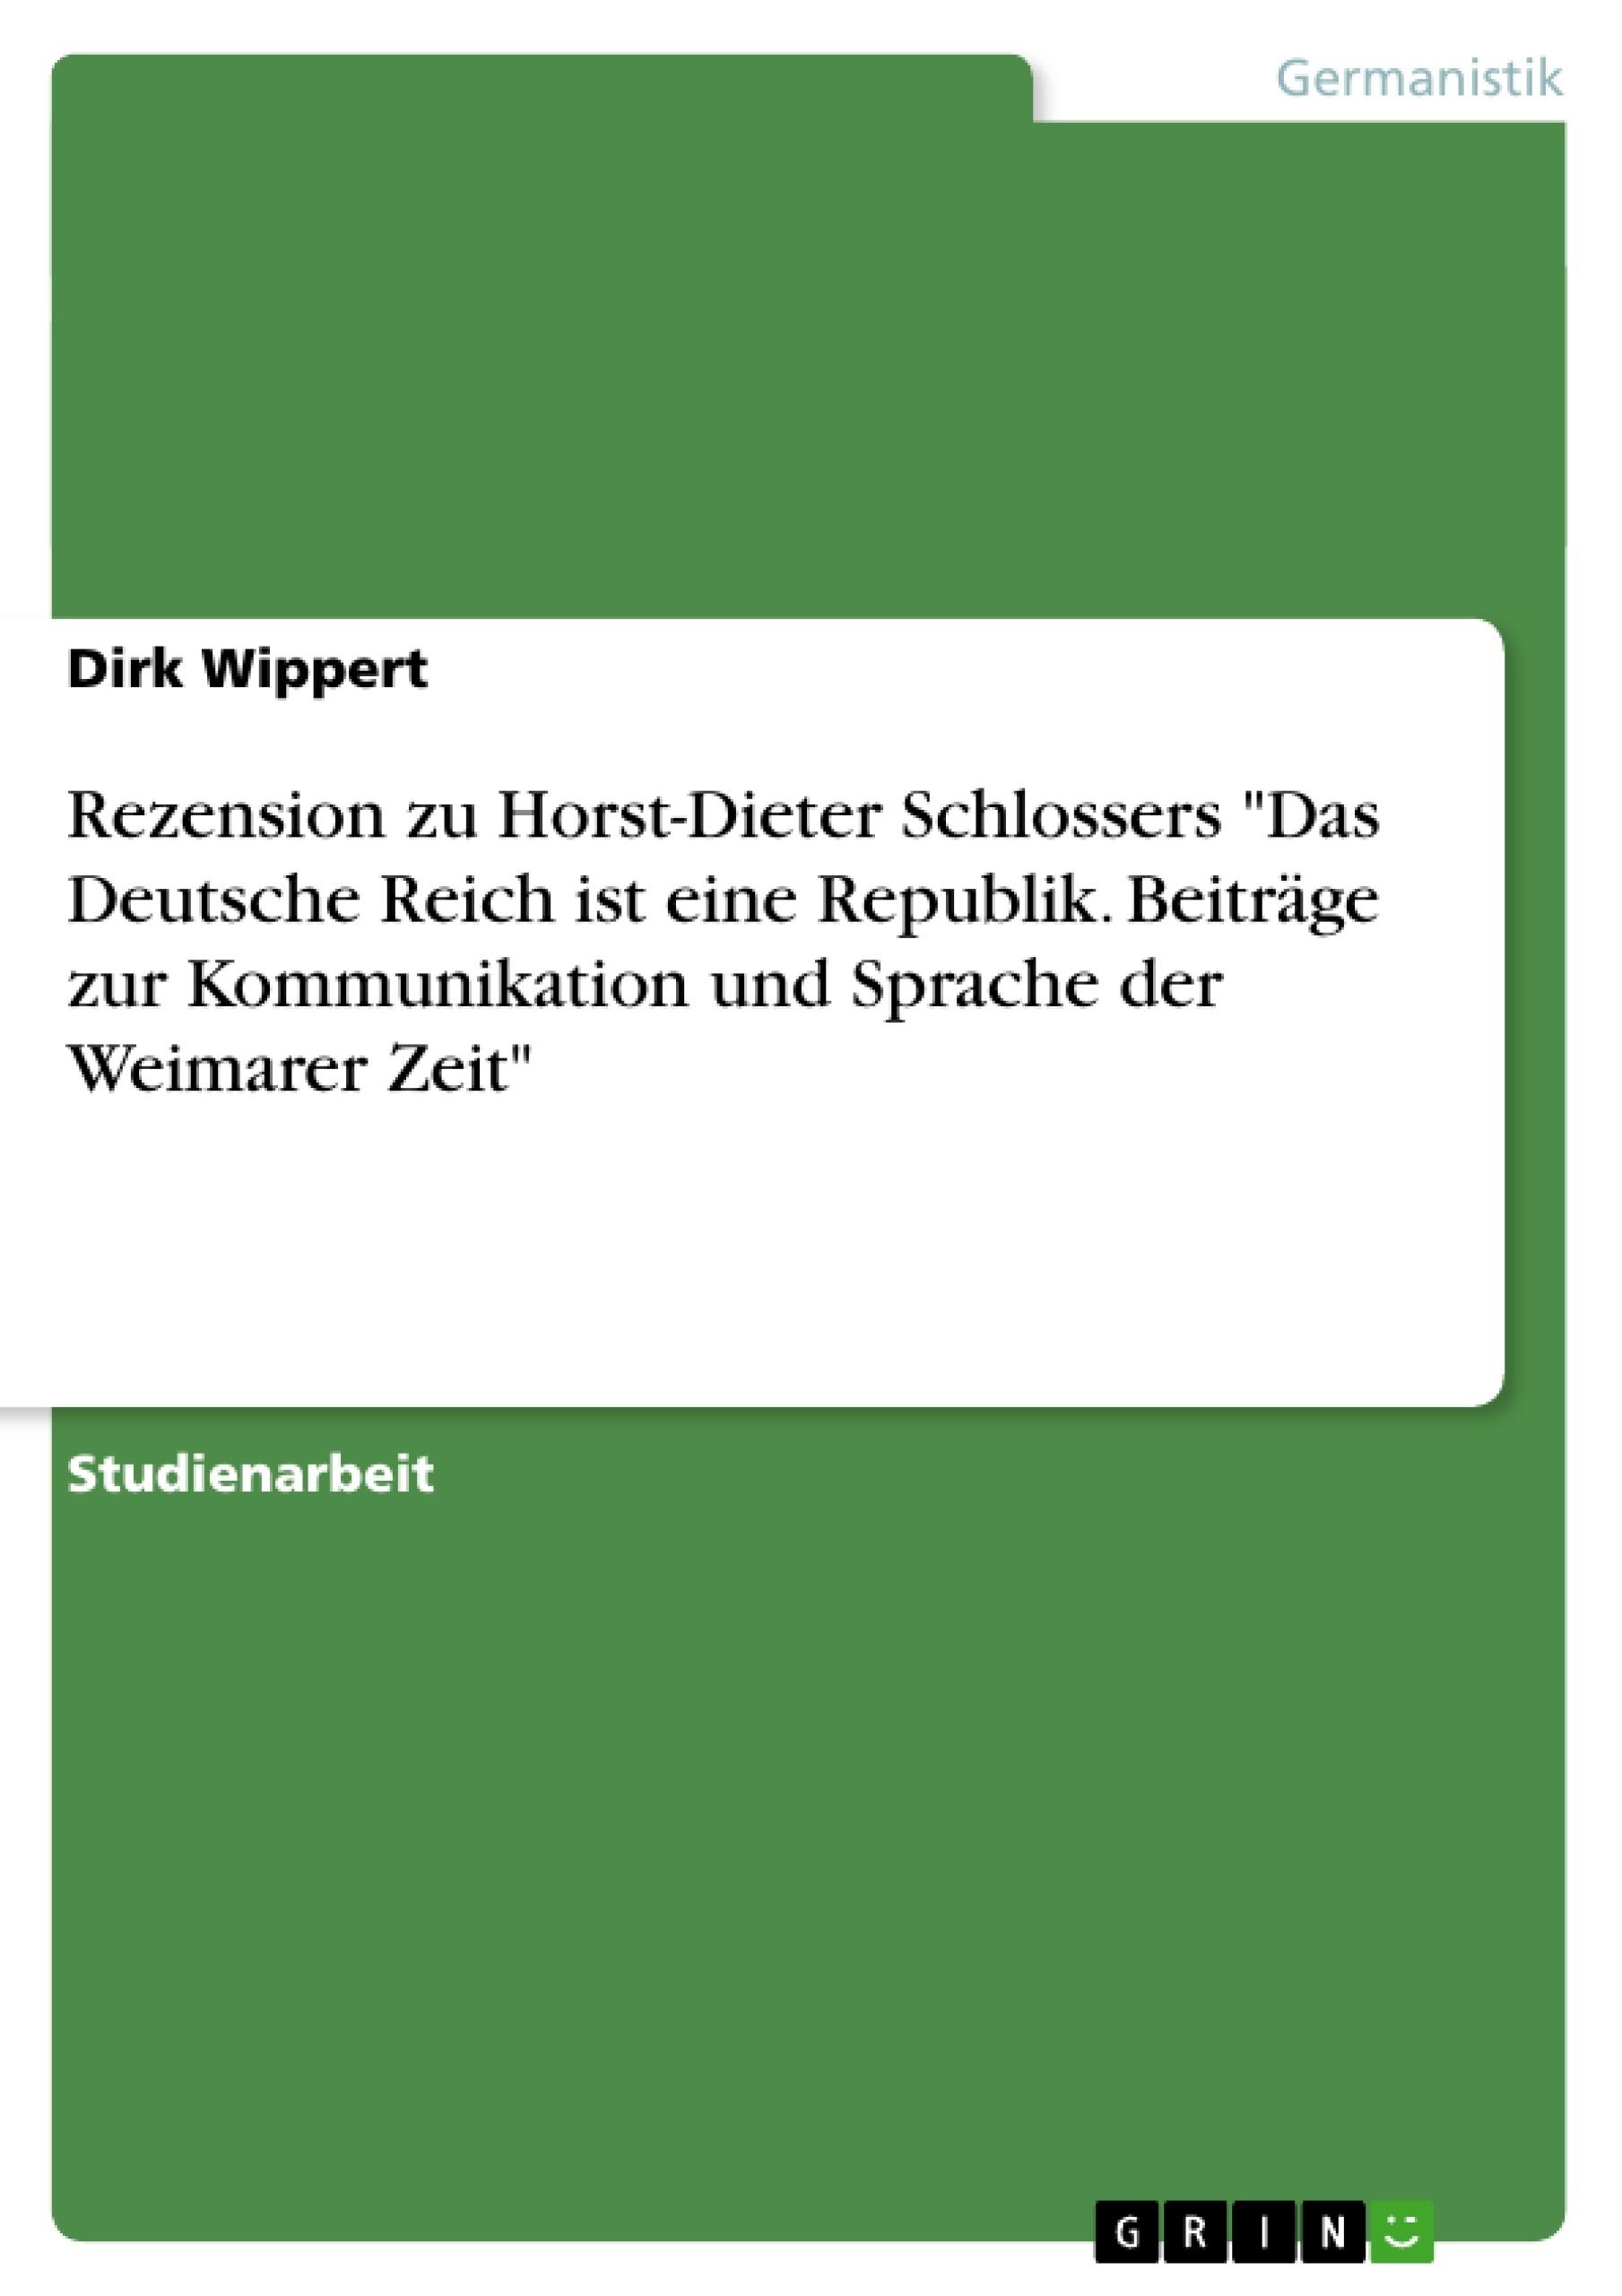 """Titel: Rezension zu Horst-Dieter Schlossers """"Das Deutsche Reich ist eine Republik. Beiträge zur Kommunikation und Sprache der Weimarer Zeit"""""""